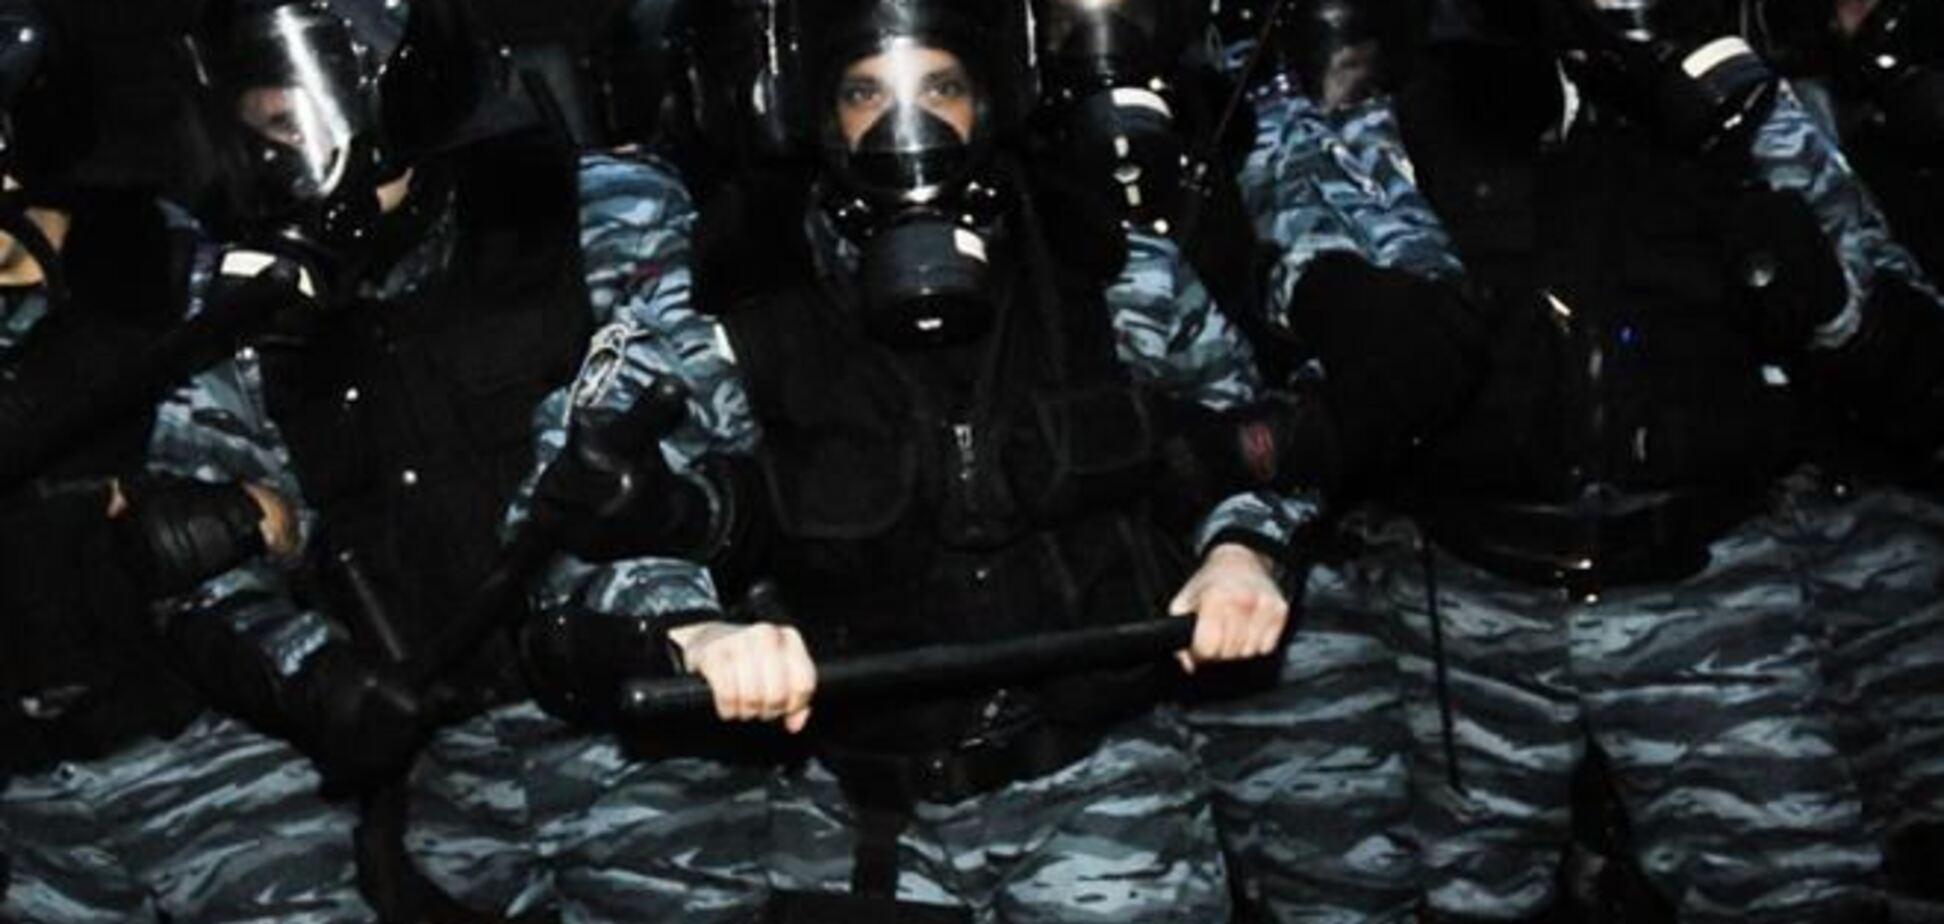 У Януковича нашли документ о финансовом 'поощрении' беркутовцев